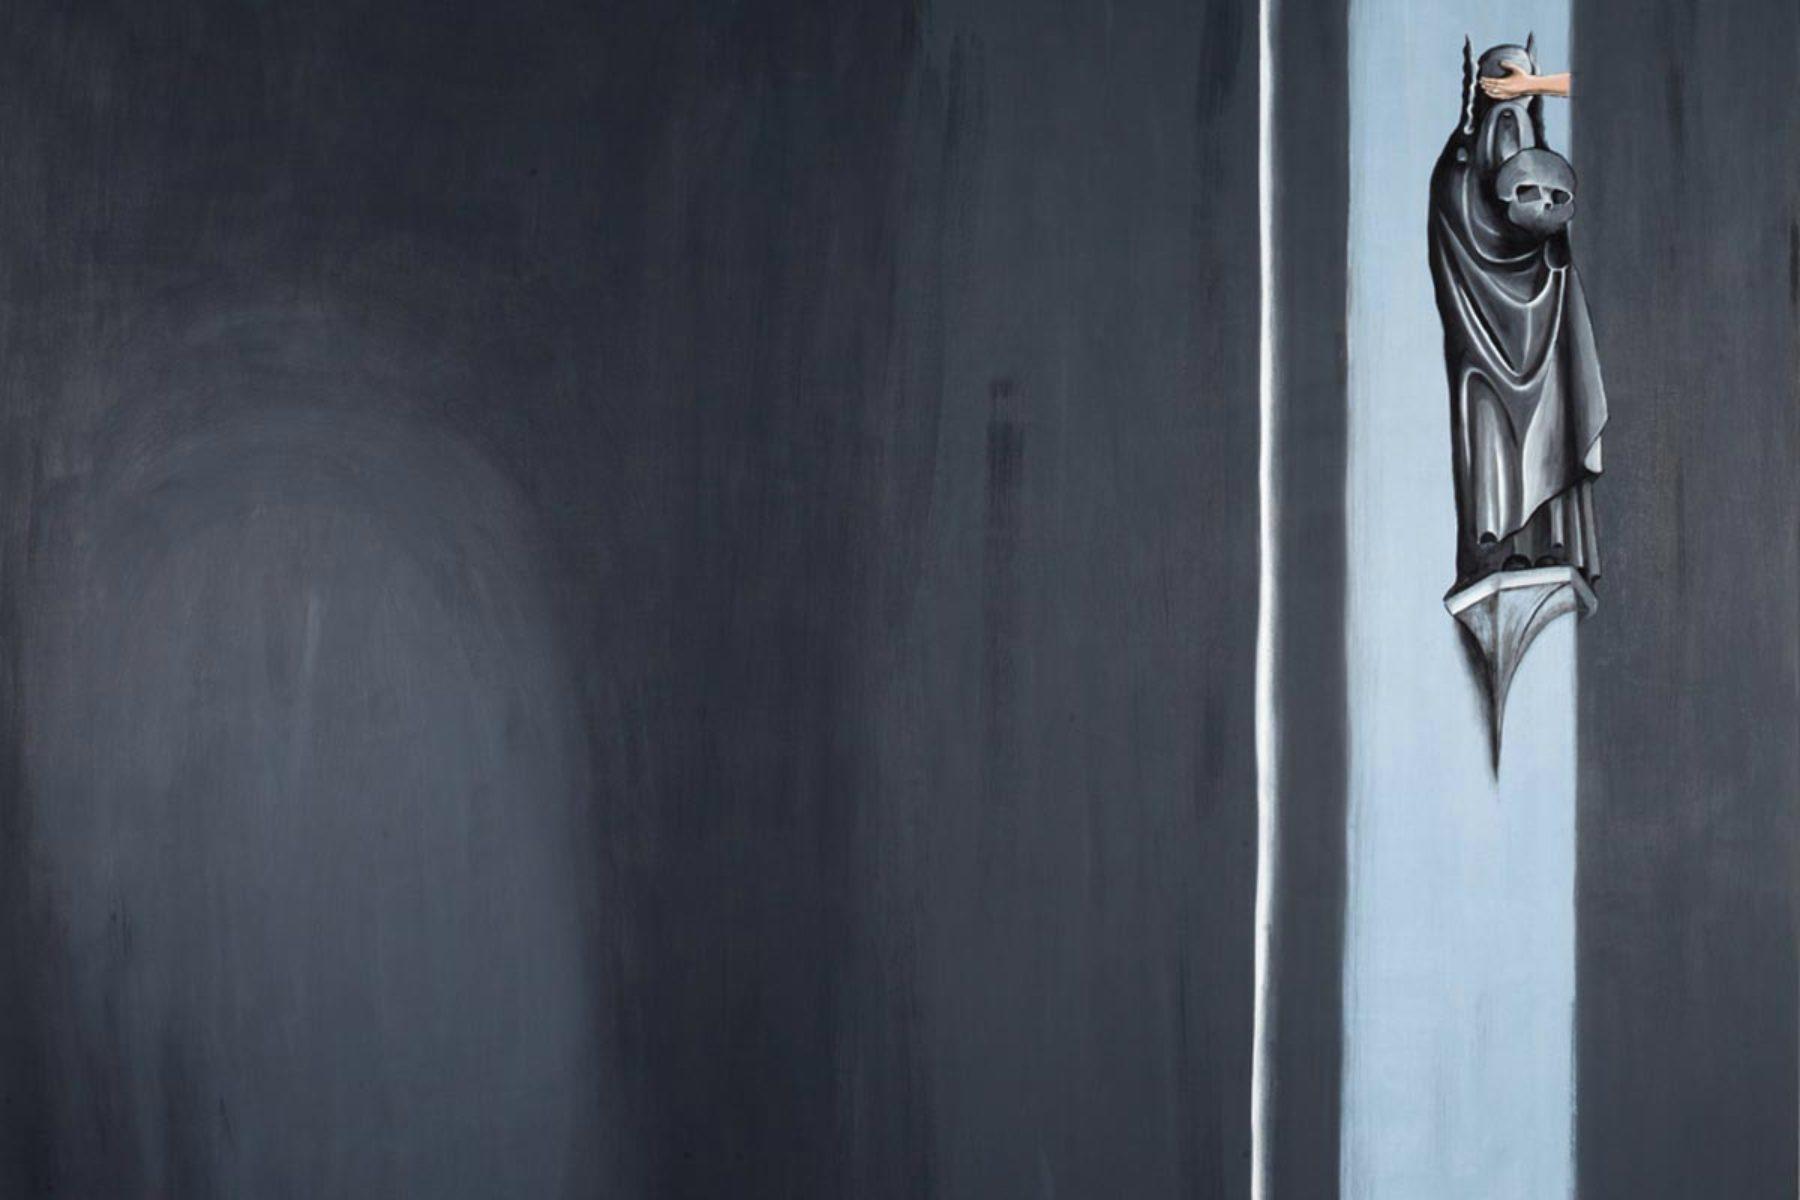 Enzo Cucchi, Contatto (det.), 2014, olio su tela, 182 x 218 cm, ph. F. Covre